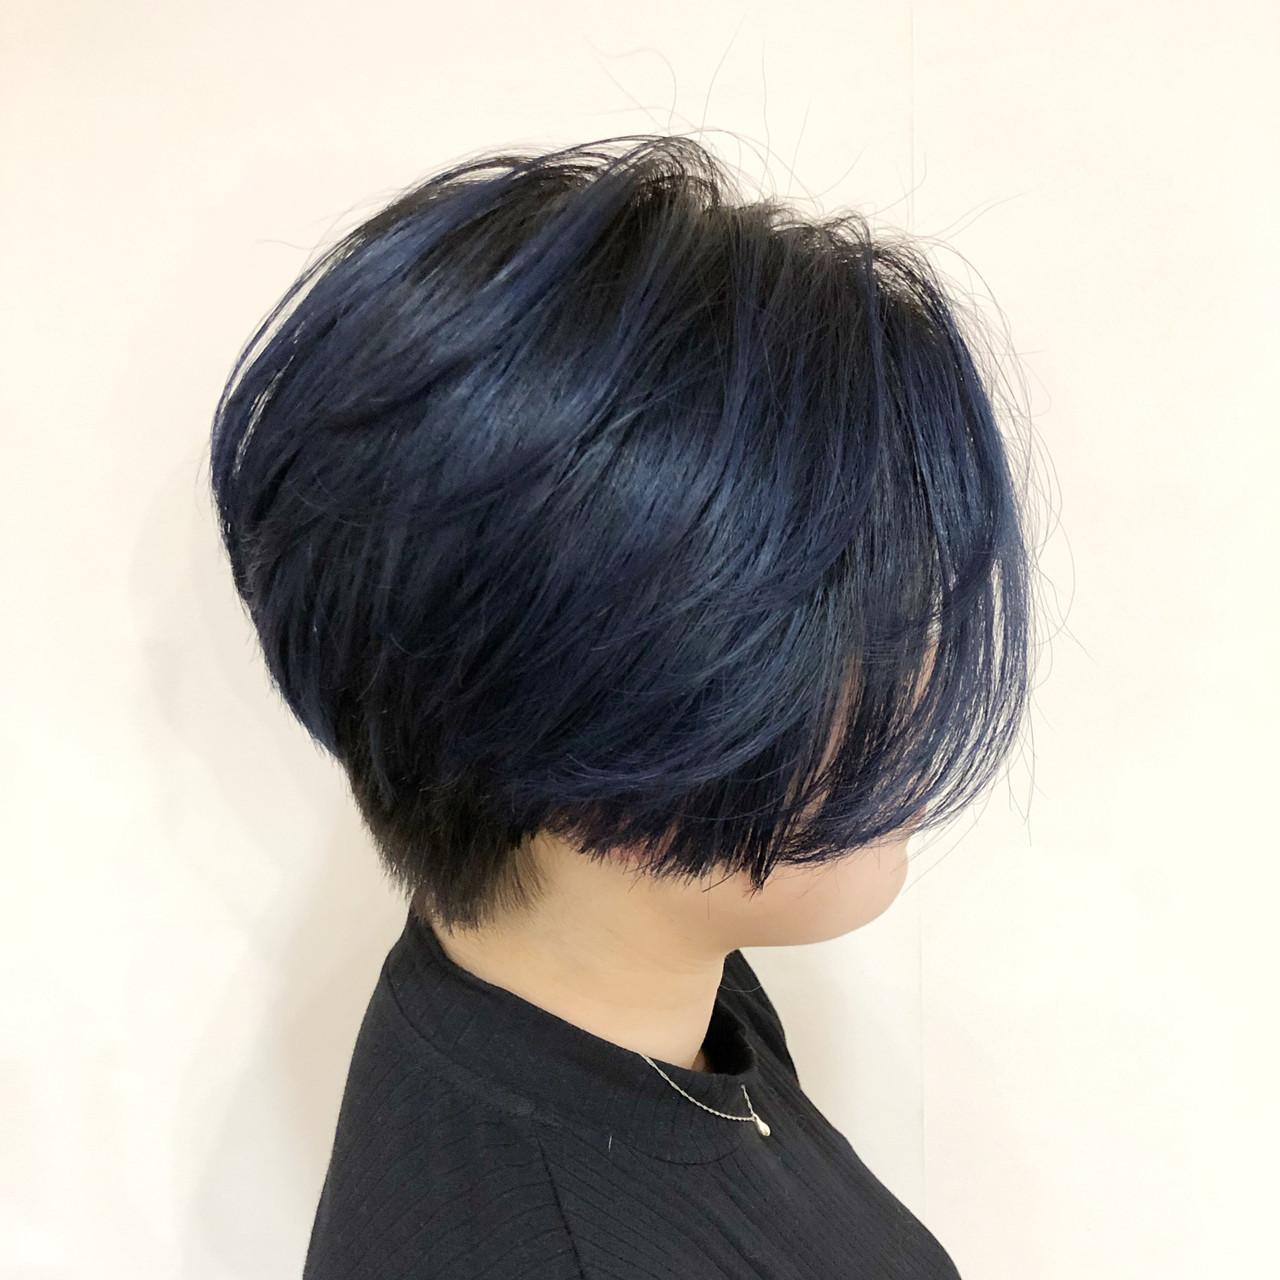 バレイヤージュ ブルー グラデーションカラー モード ヘアスタイルや髪型の写真・画像